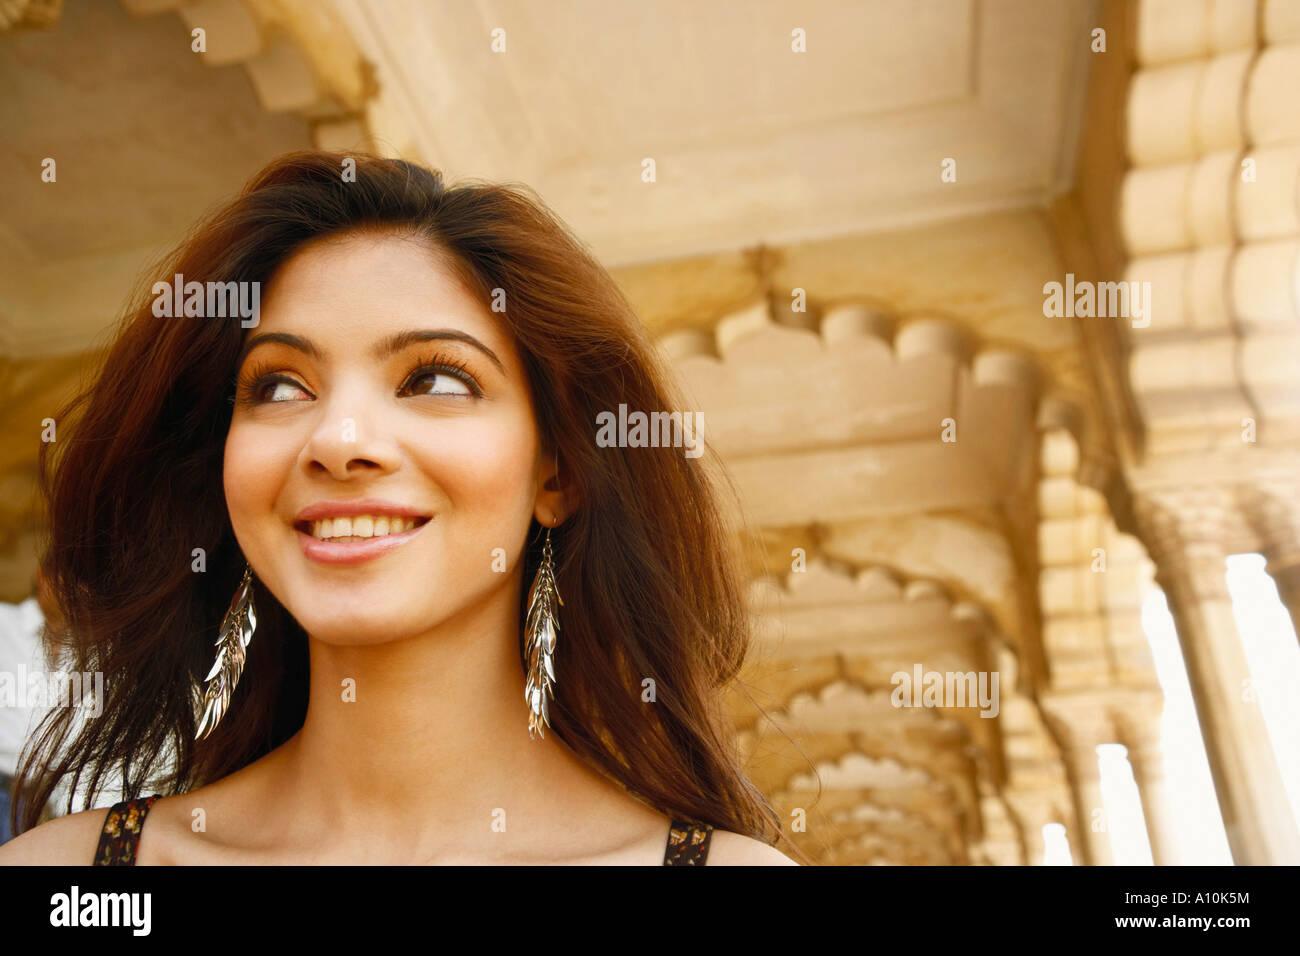 Close-up de una joven sonriente, el Fuerte de Agra, Agra, Uttar Pradesh, India Imagen De Stock